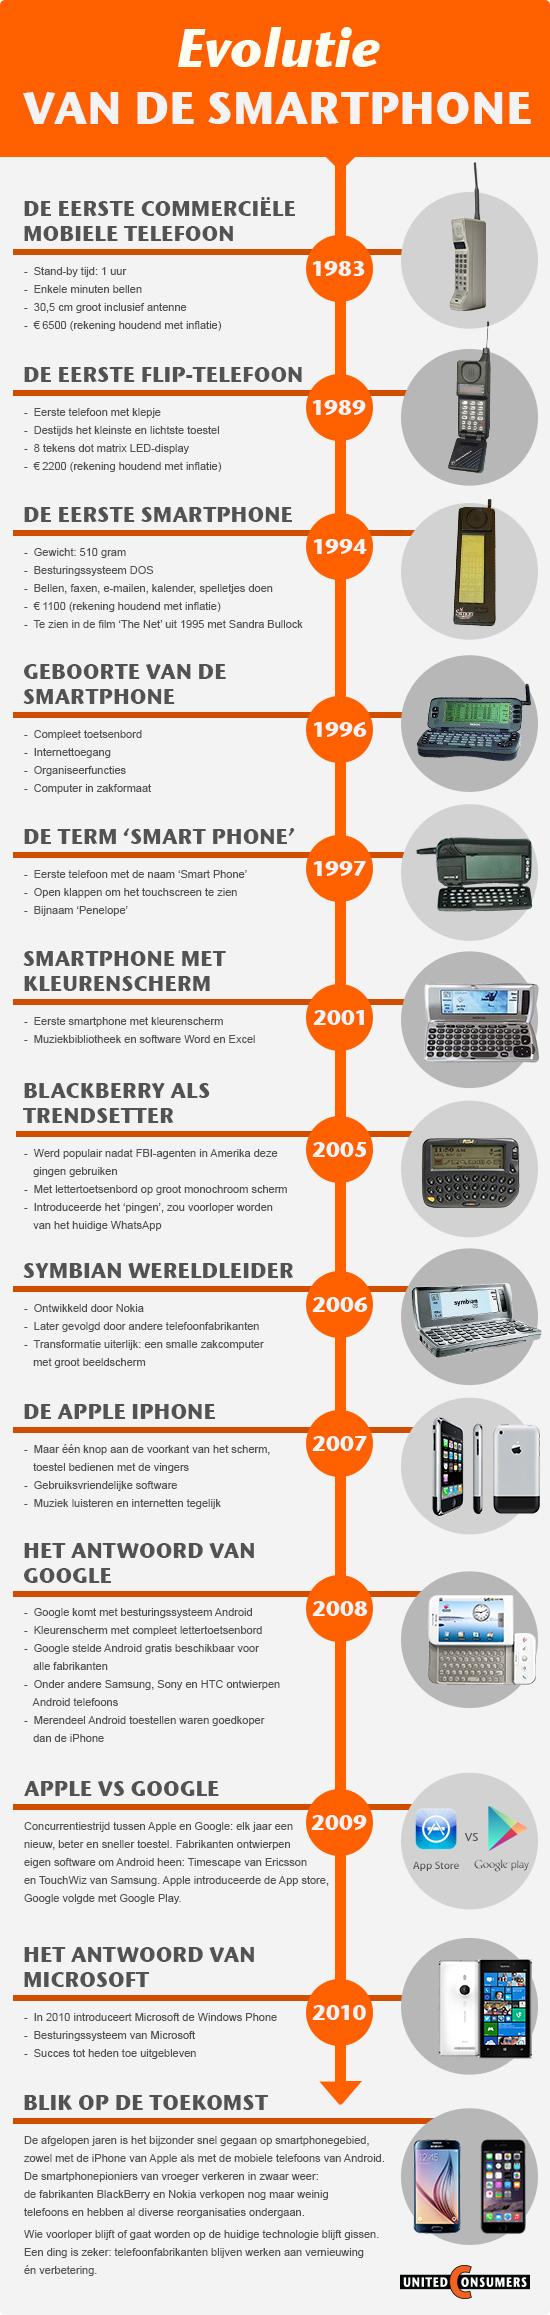 evolutie van de smartphone